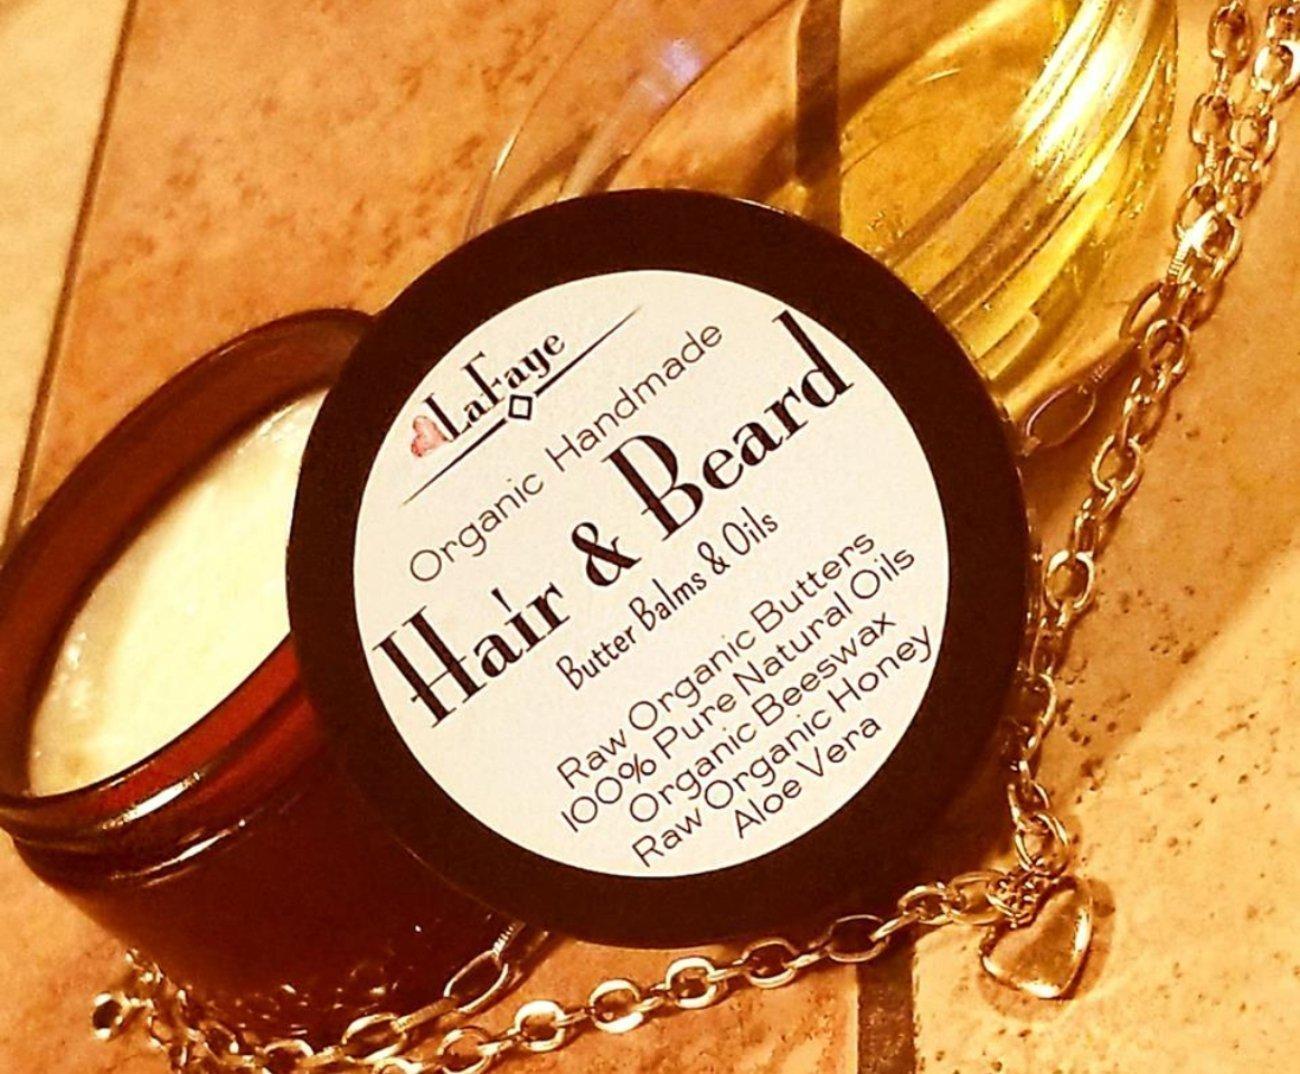 Men's Organic Handmade Hair & Beard Butter Balm and Oil Set w/Batana/Ojon Oil, Emu Oil, BJCO + Aloe Vera   All Natural Men's Haircare